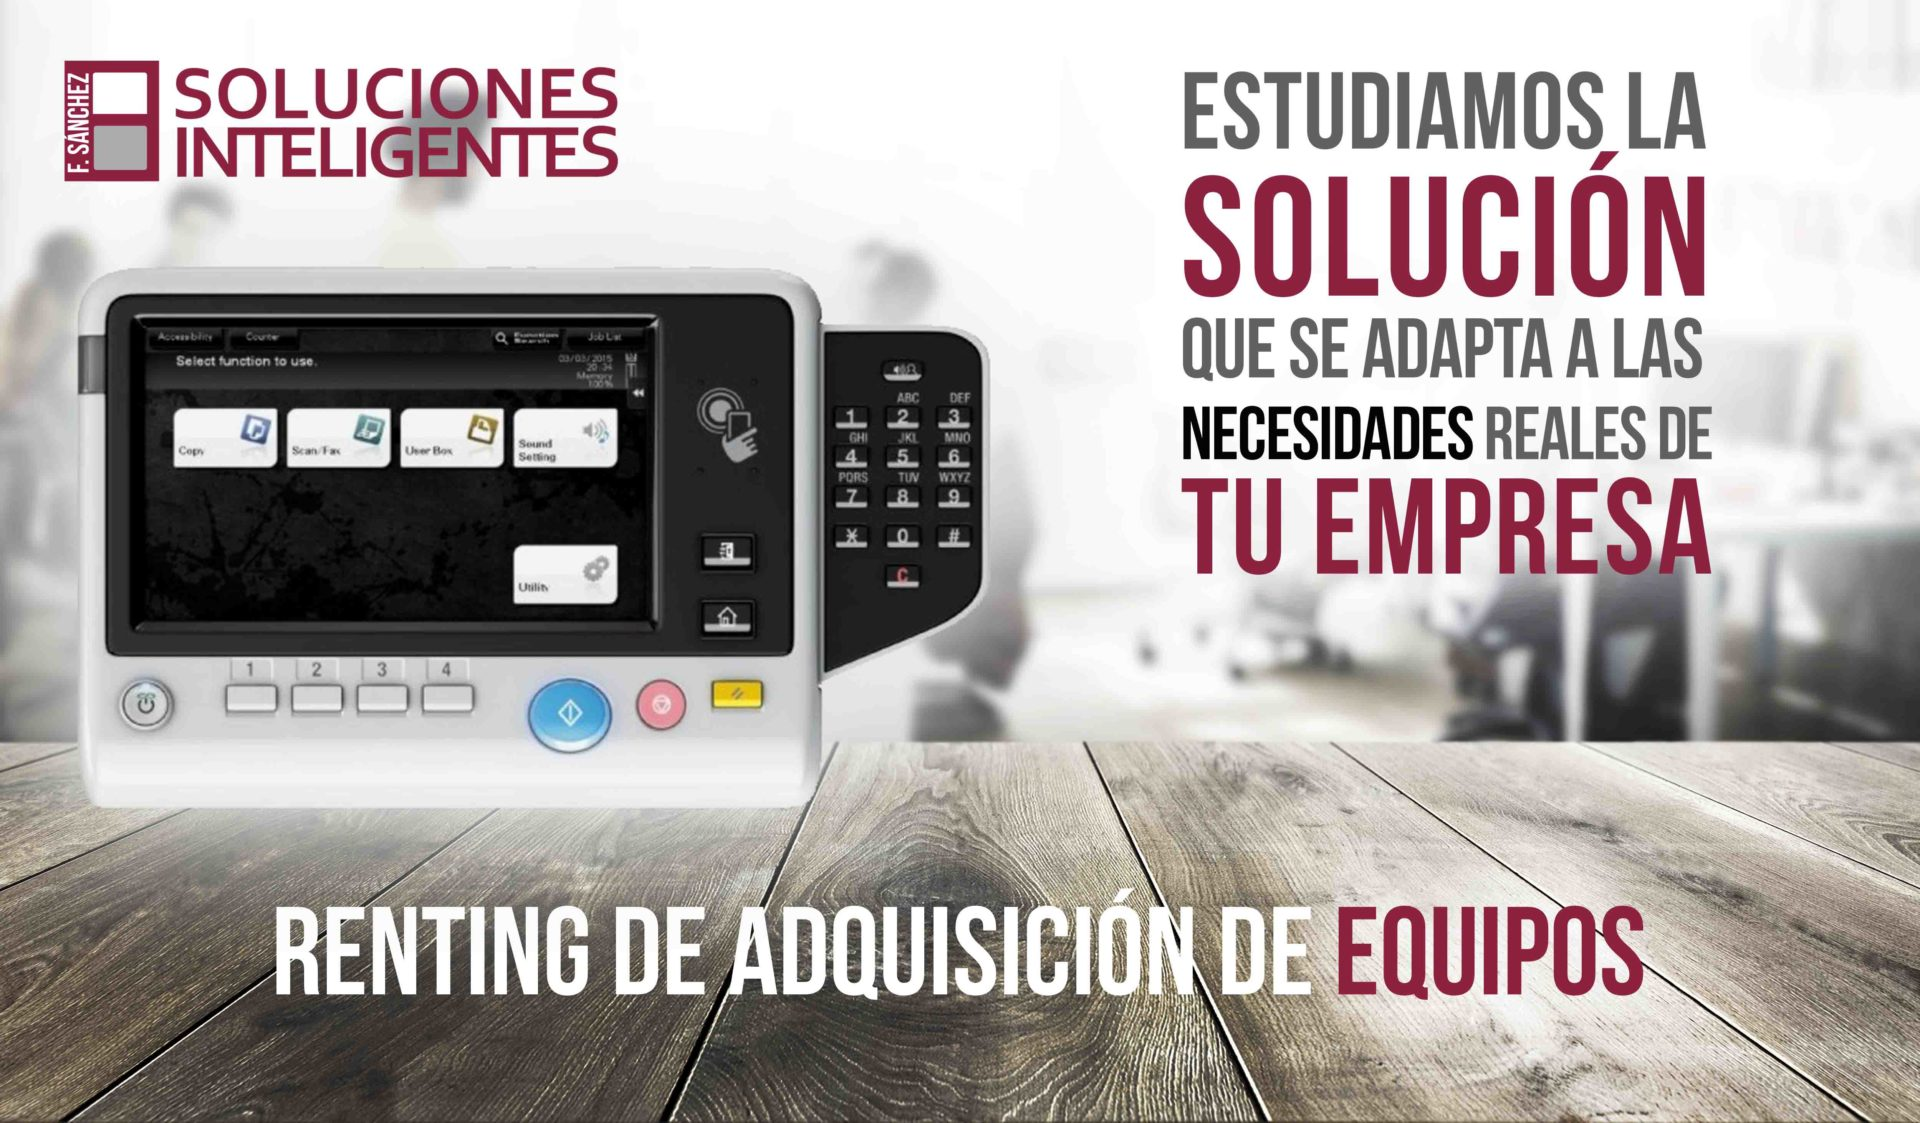 Renting de equipos multifunción para empresas en Murcia